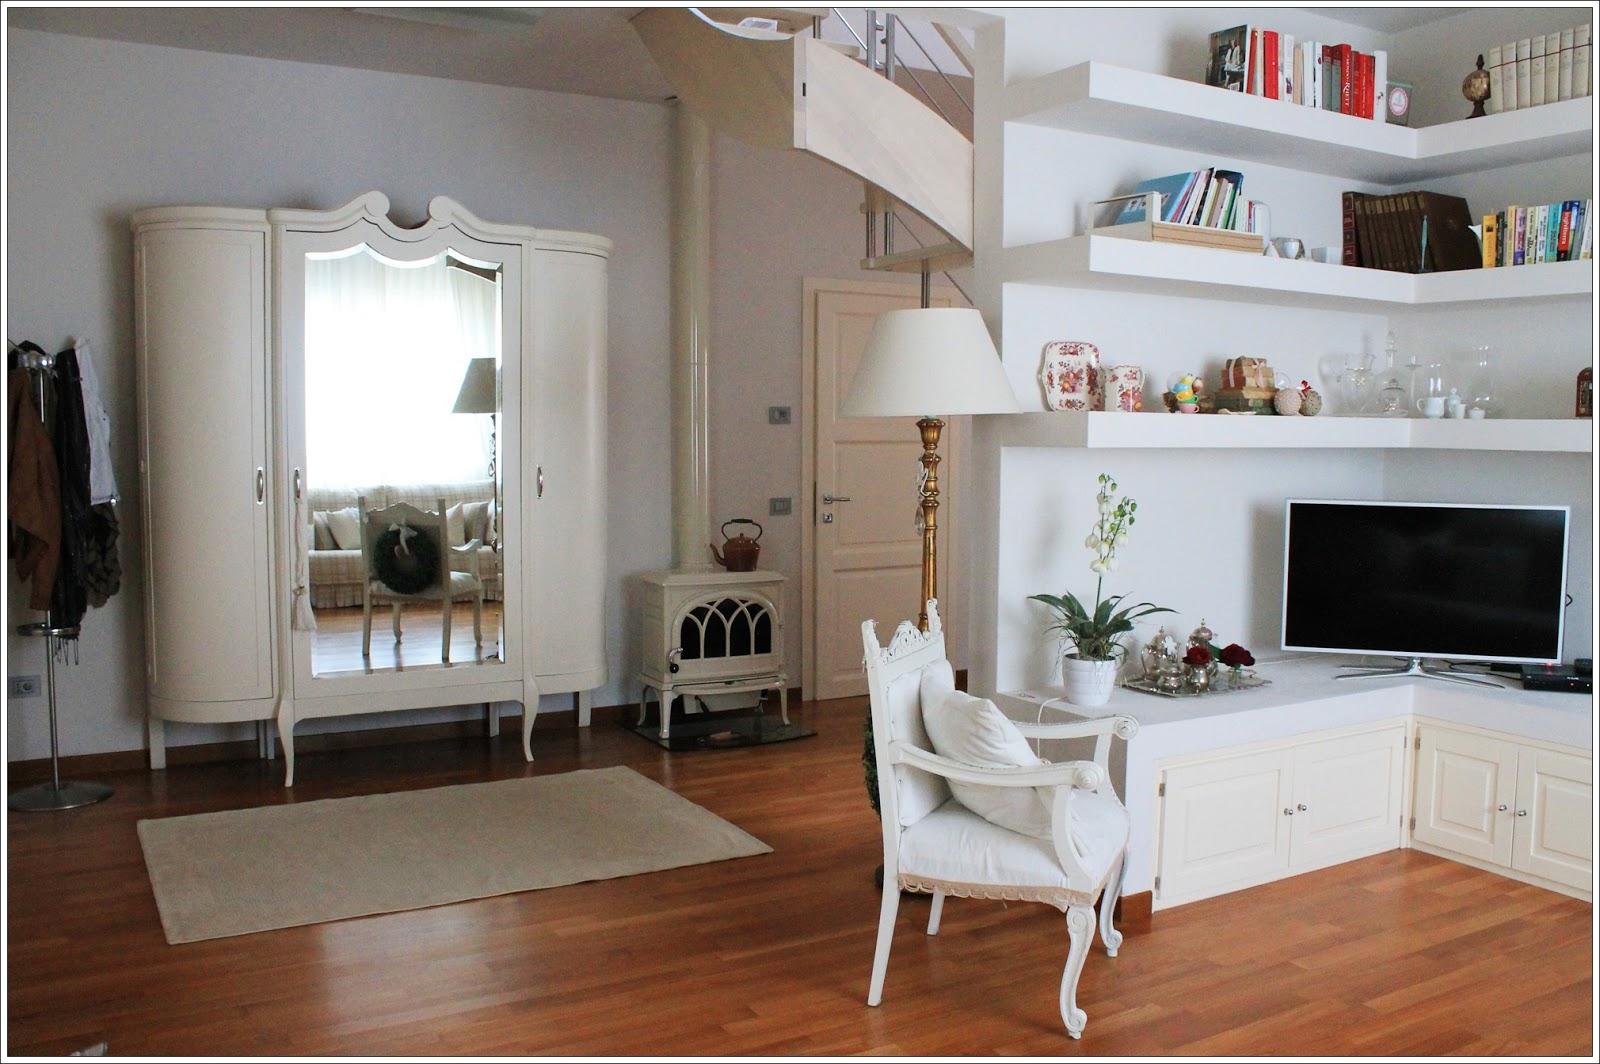 Fasci di luci sulle pareti come arredi - Ikea tappeti soggiorno ...